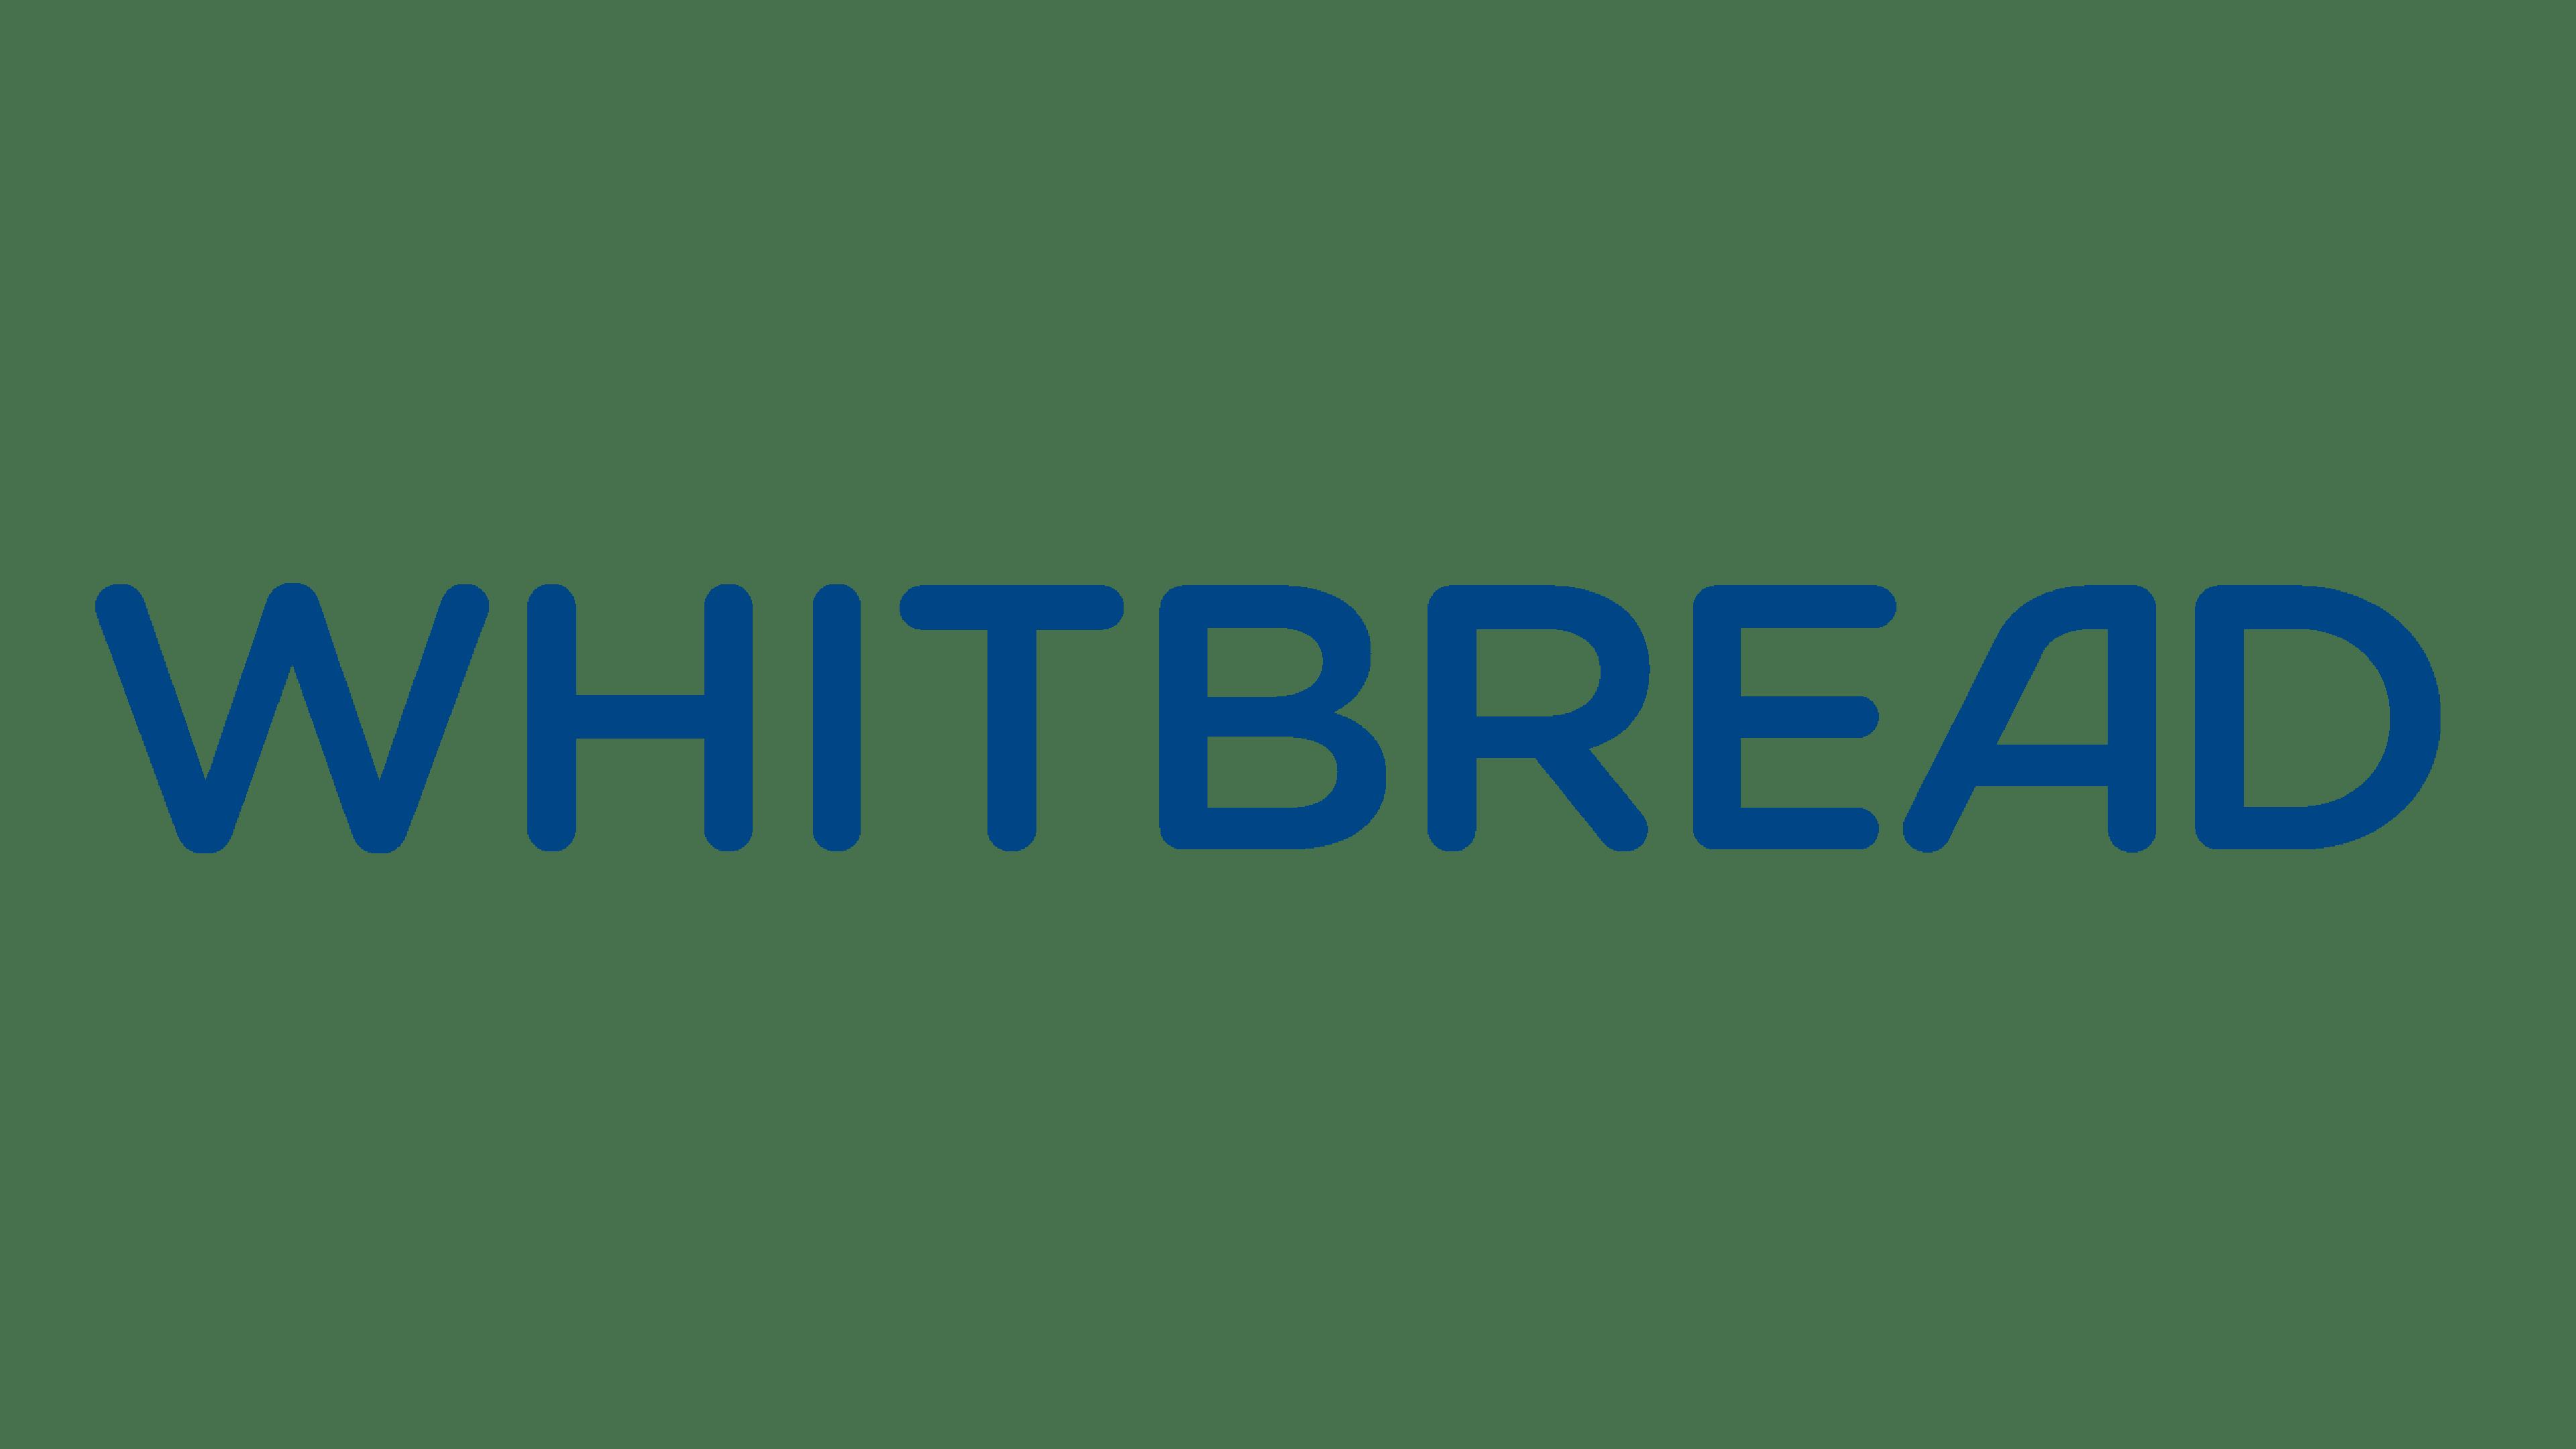 Whitbread Logo Logo